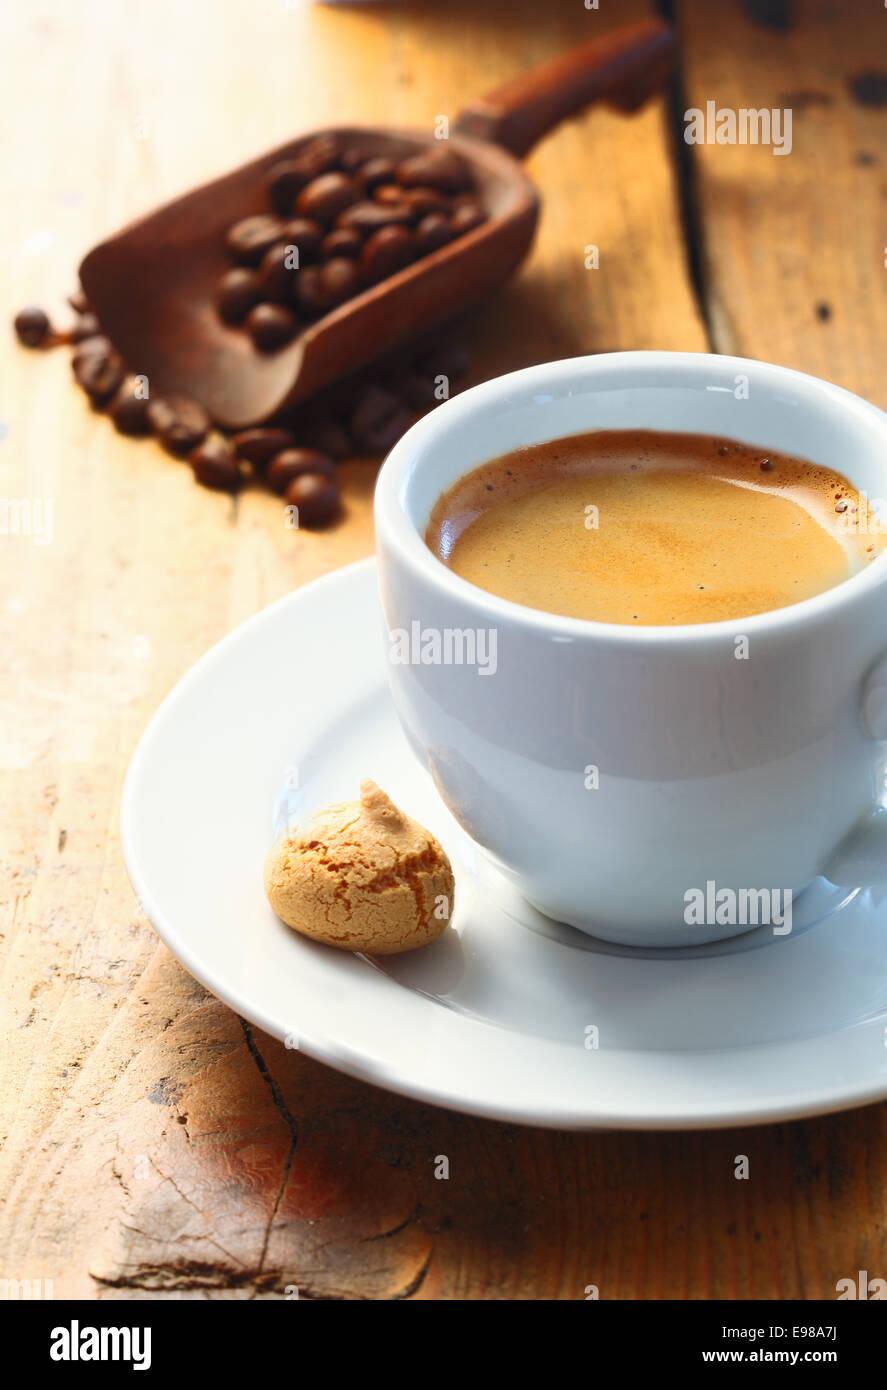 Forte aromatico caffè espresso servito in una tazza piccola con un Amaretto sul lato e un cucchiaio di caffè Immagini Stock